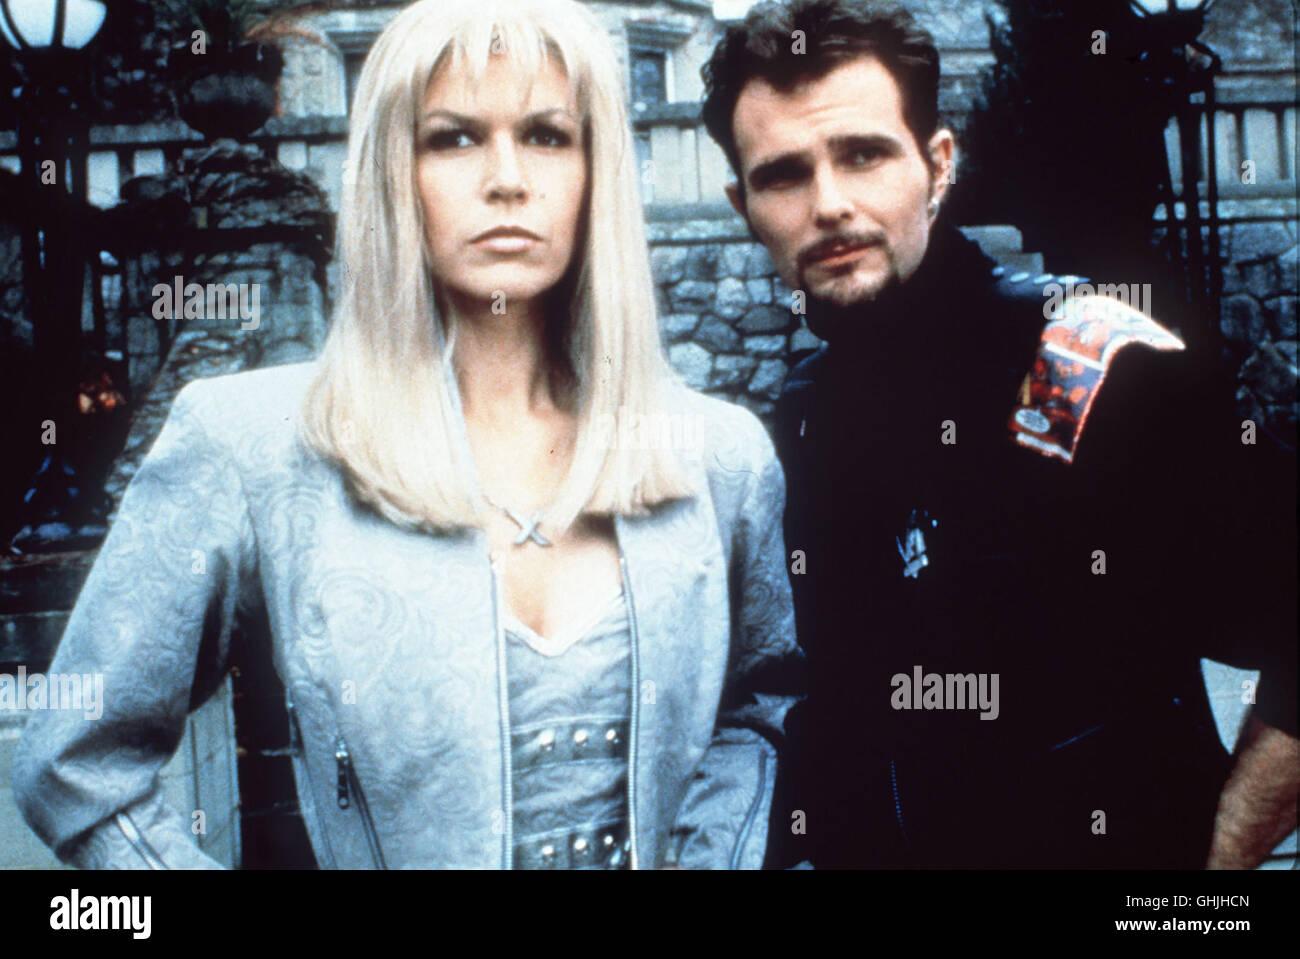 Szene mit Emma 'White Queen' Frost (FINOLA HUGHES) und Sean 'Banshee' Cassidy (JEREMY RATCHFORD). - Stock Image